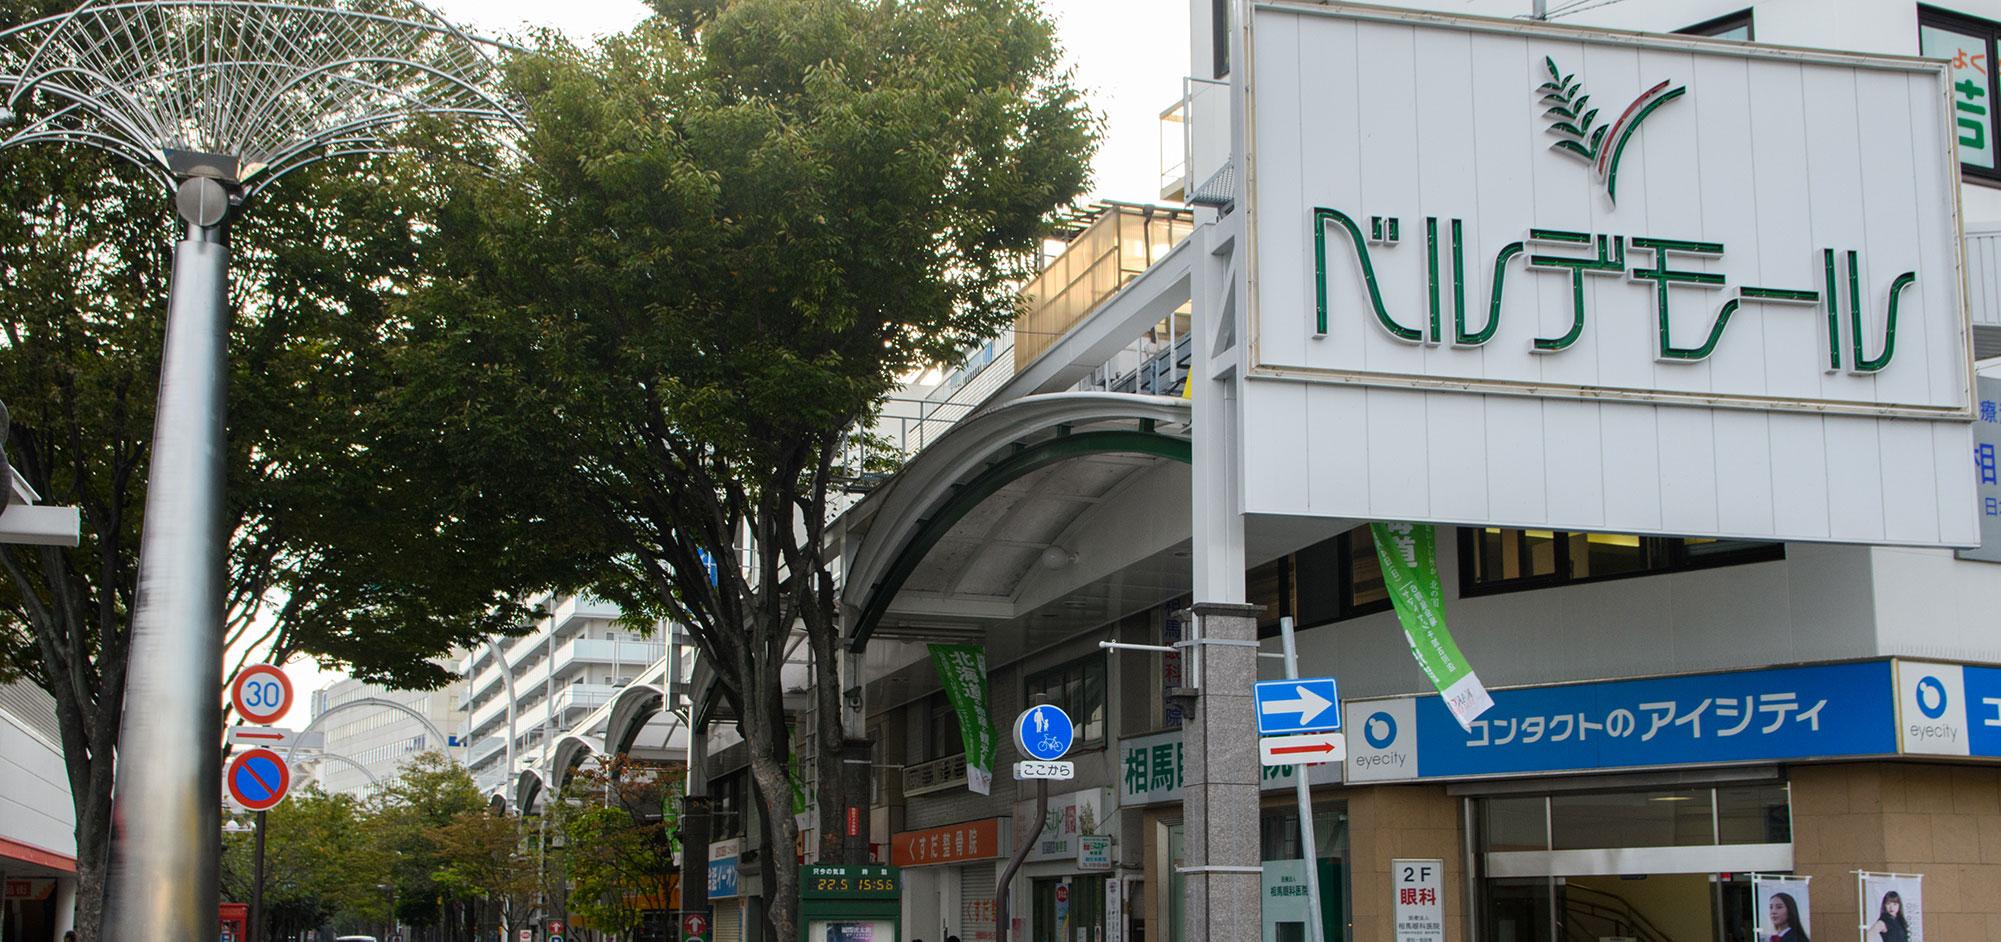 ベルデモール商店街